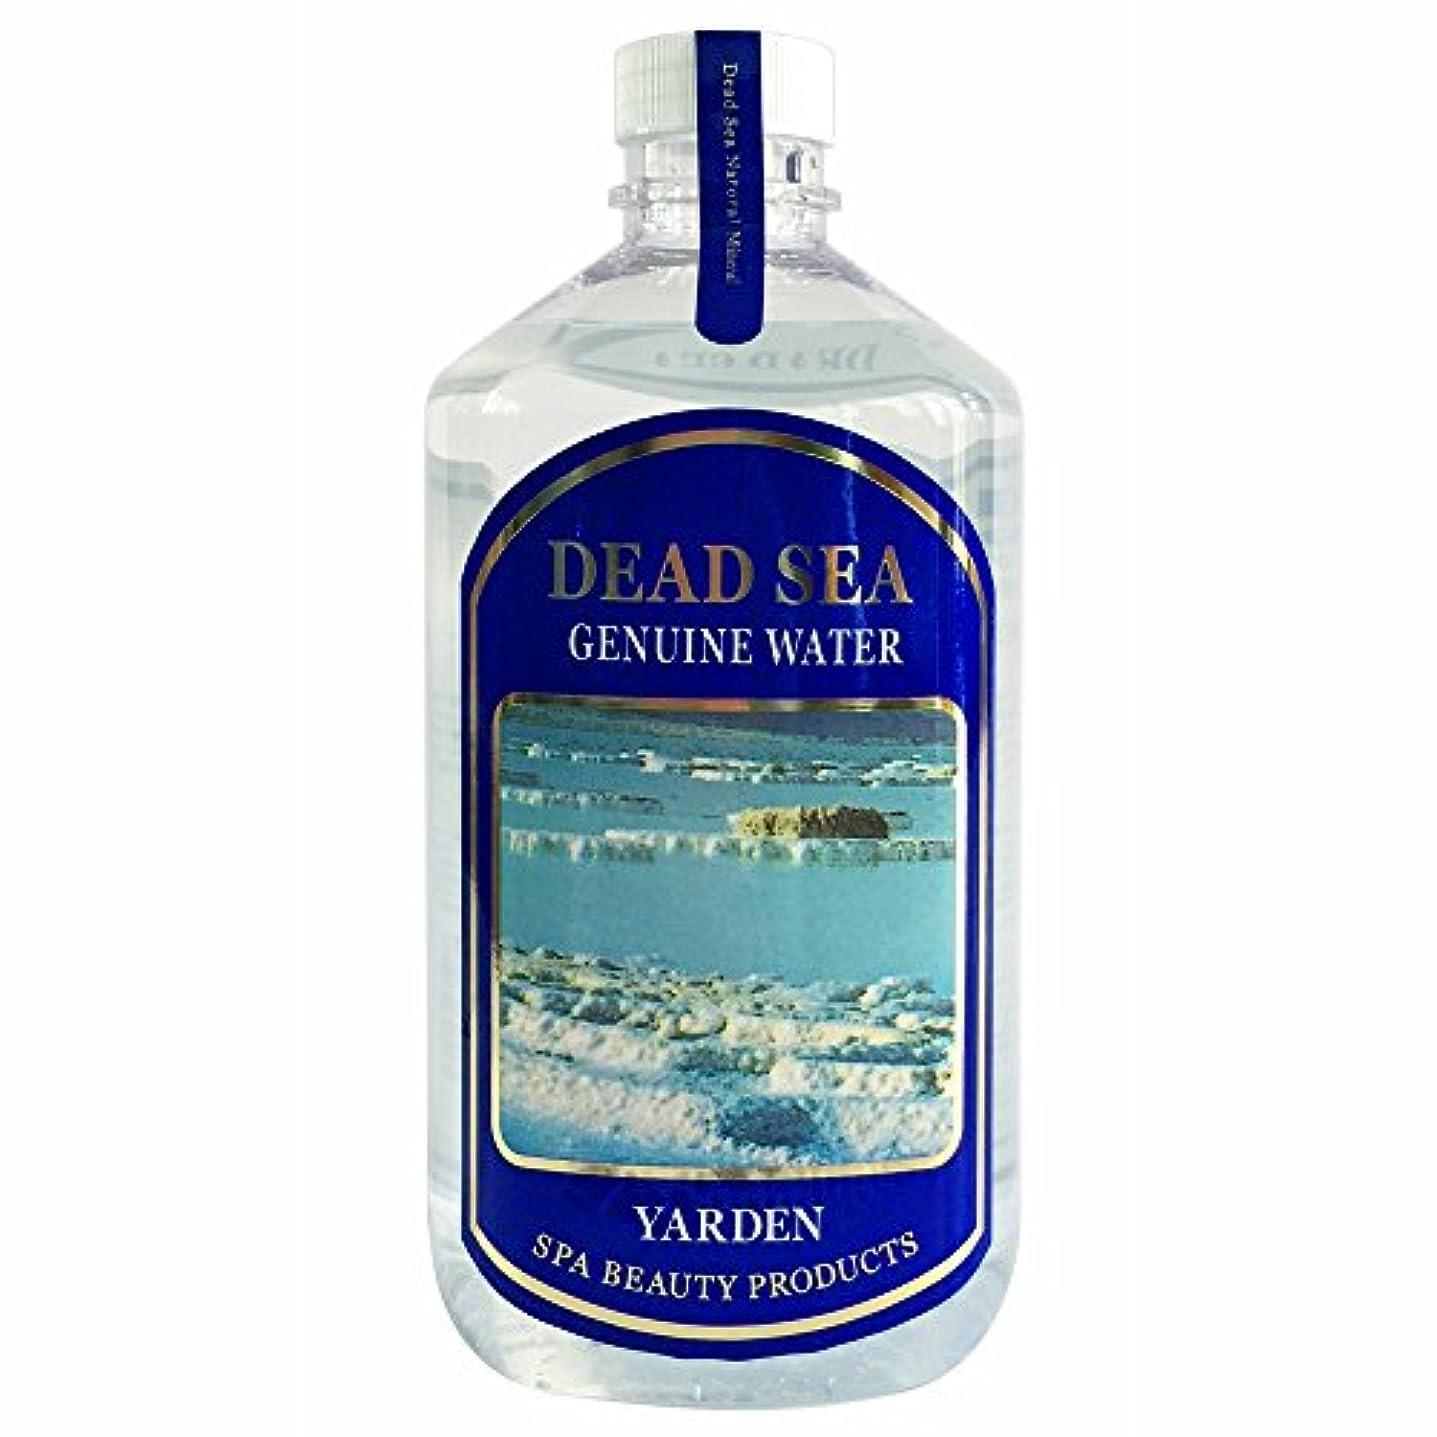 せっかち急襲発生デッドシー?ジェニュインウォーター 1000ml 【DEAD SEA GENUINE WATER/死海の深層水】